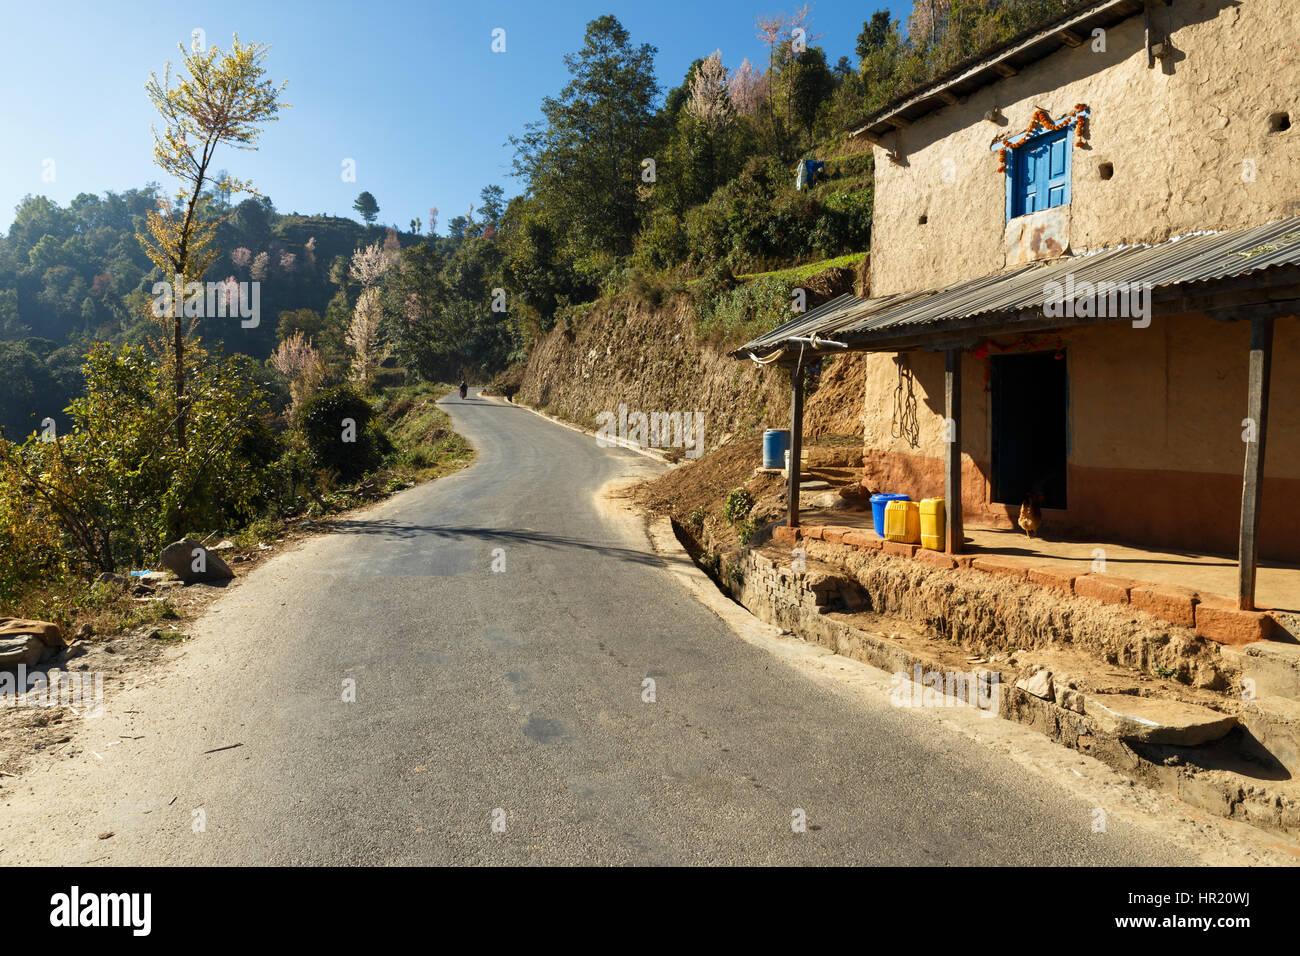 Maison située sur la route de monastère Thrangu Tashi Yangtse Namo Buddha, au Népal - Photo Stock